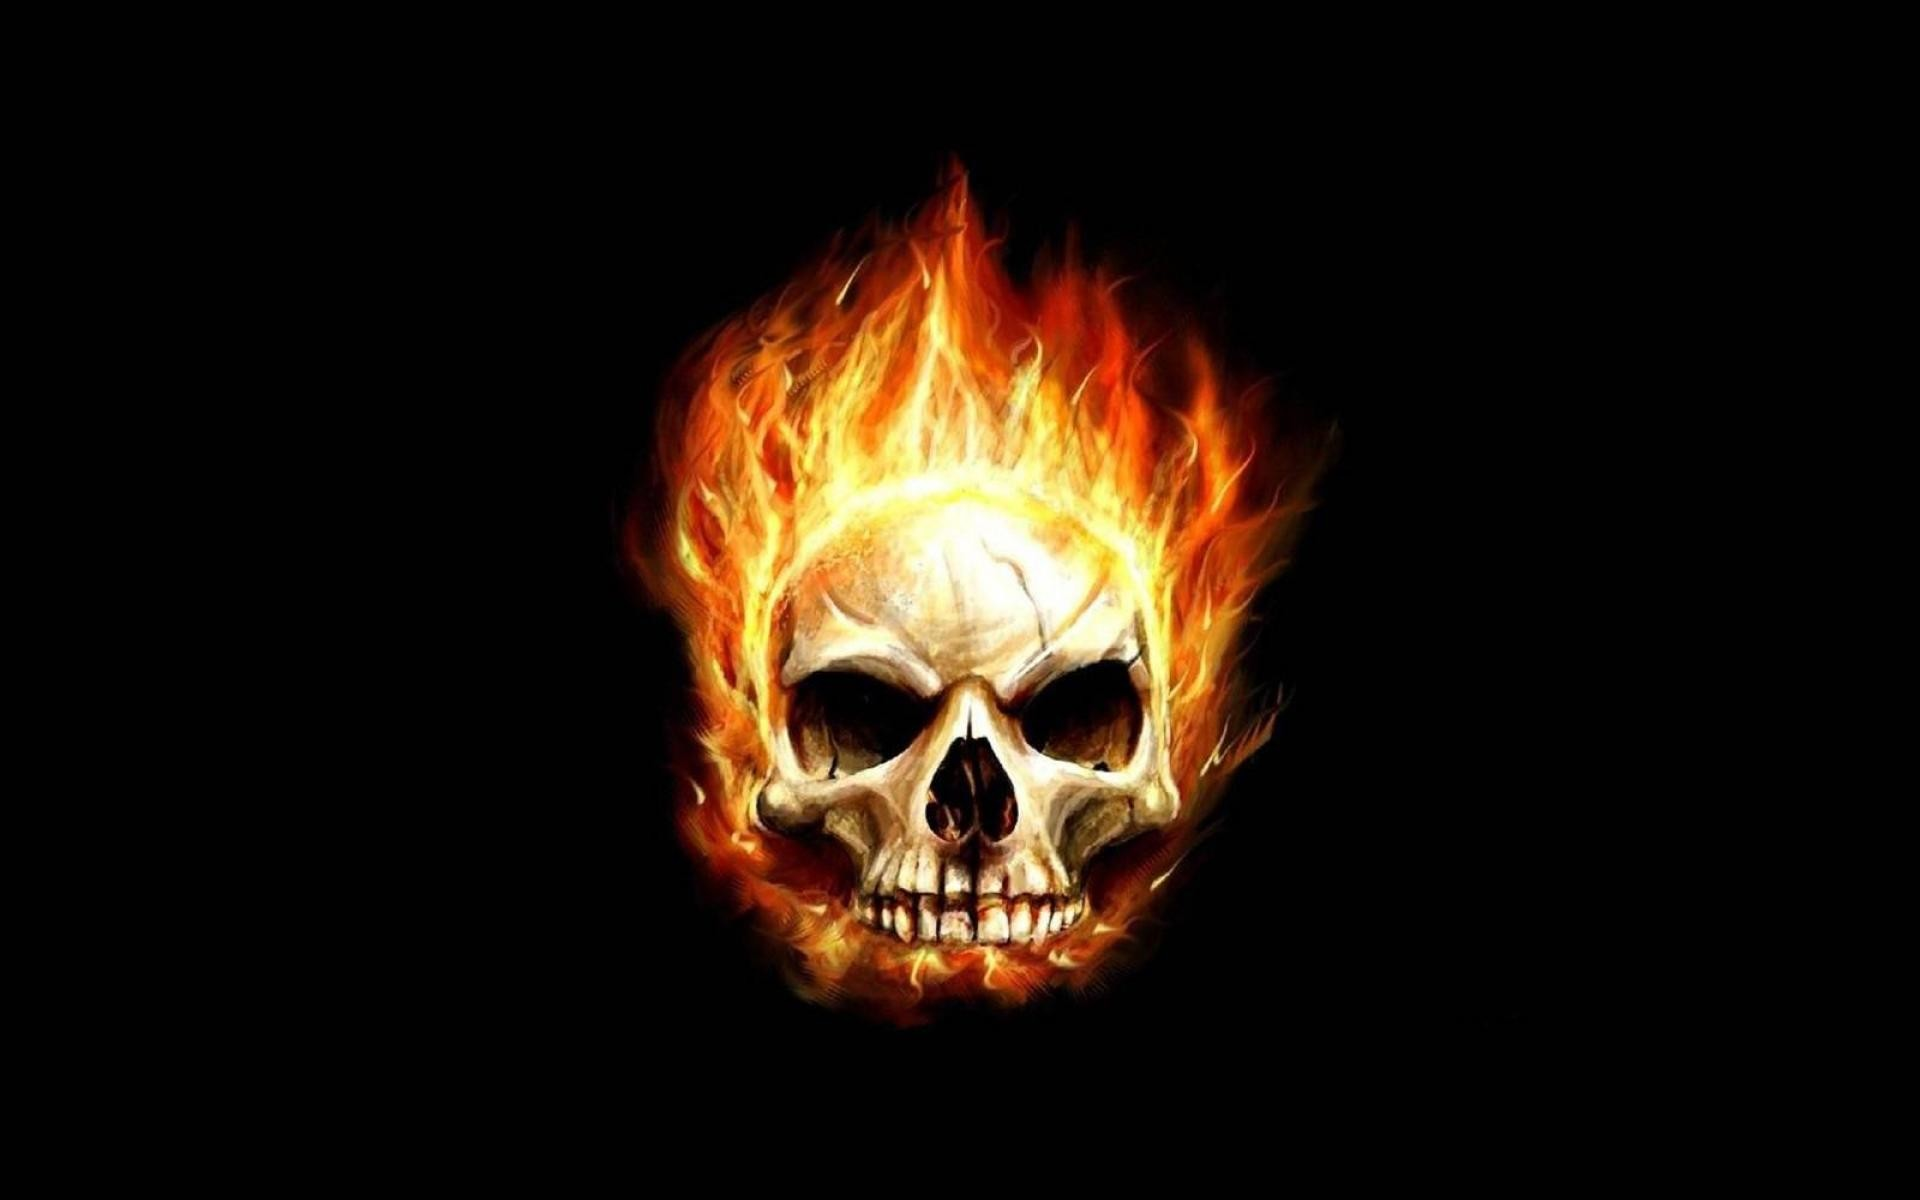 … Skull Fire